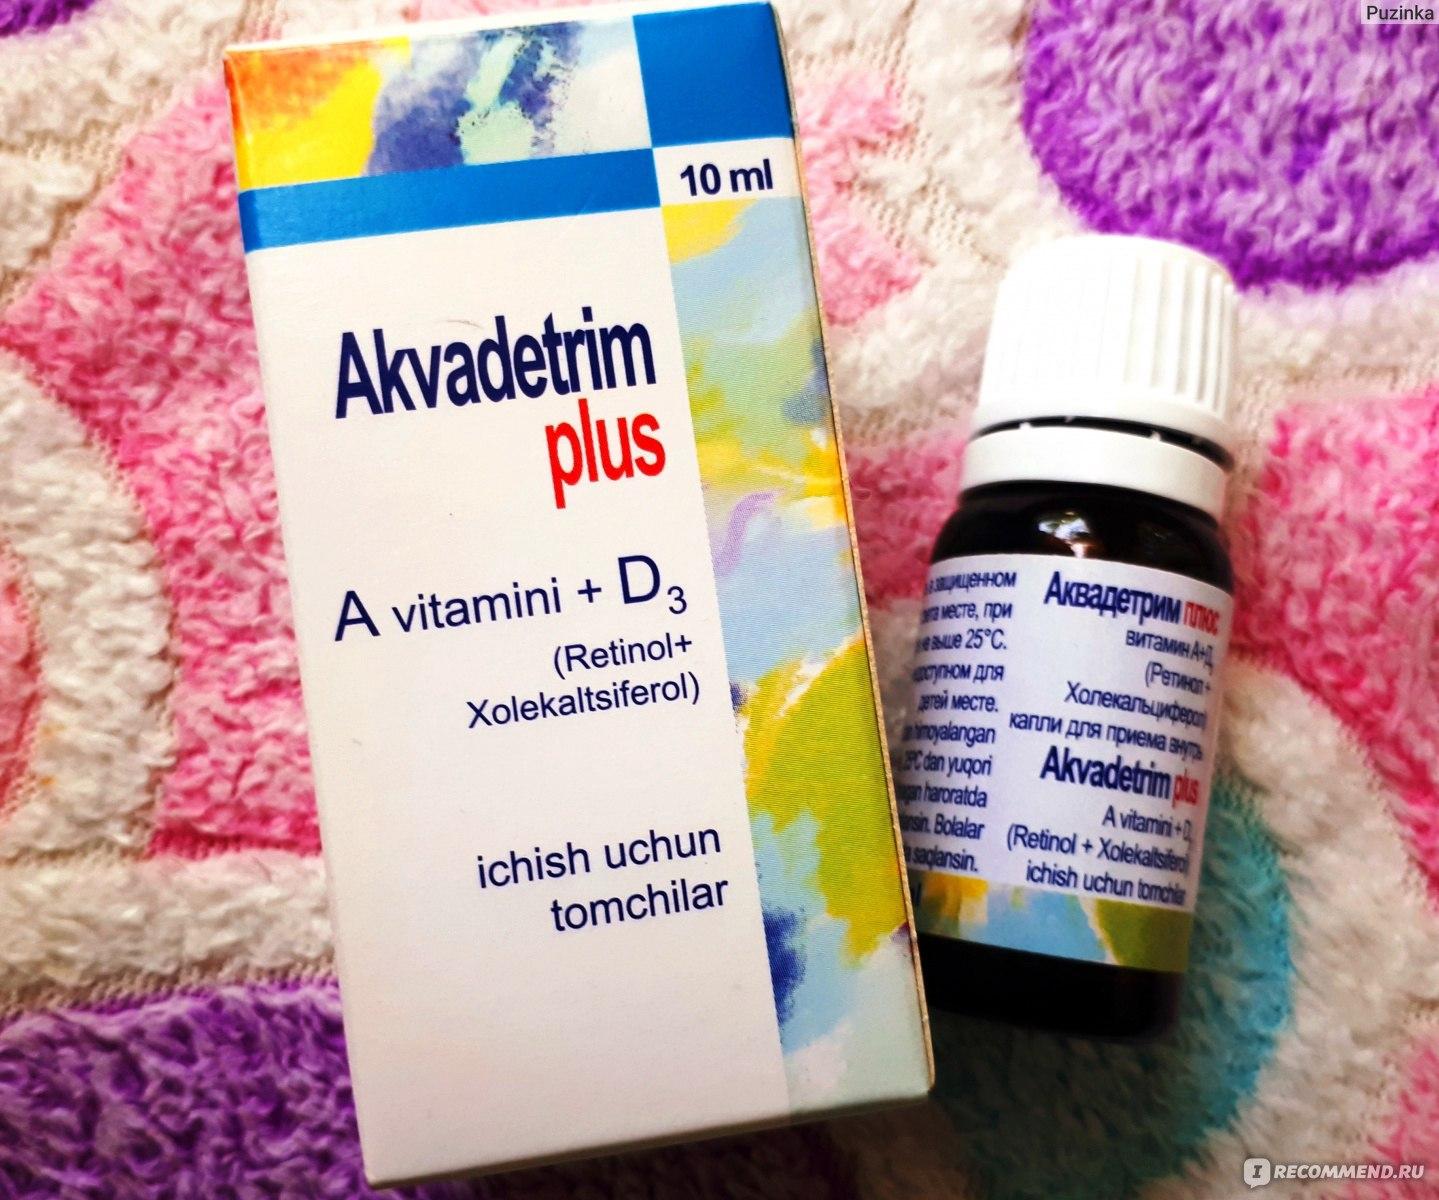 аквадетрим витамин д3 инструкция к применению цена